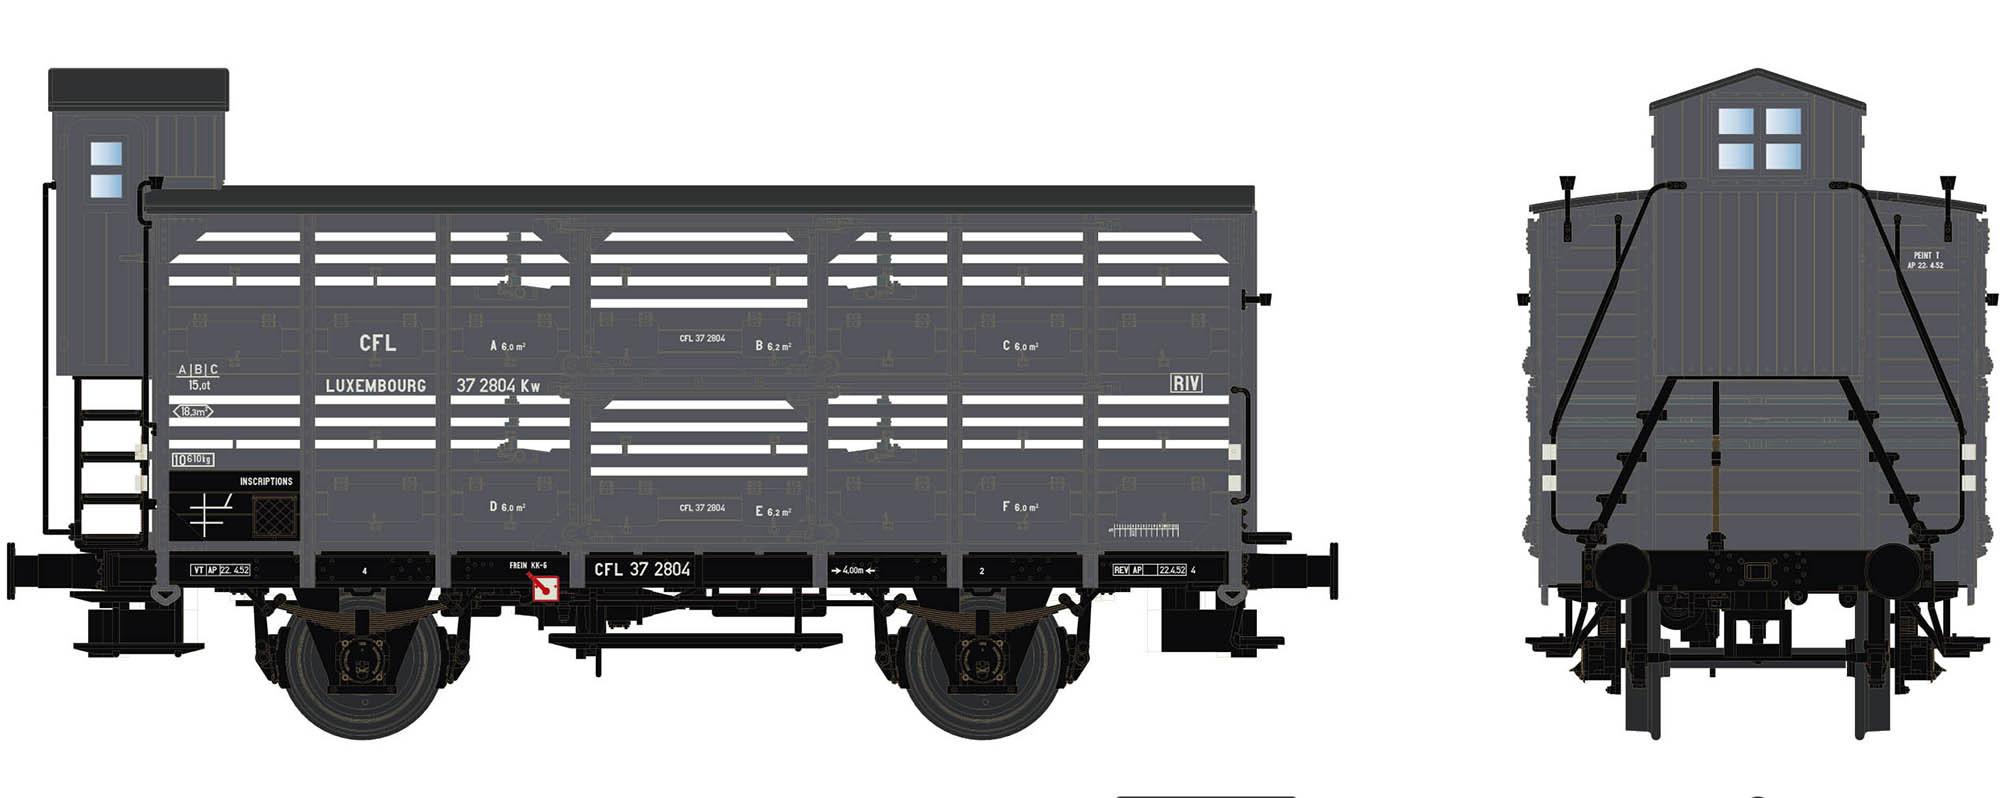 Wagenbausatz Verschlagwagen Vh14, CFL, Epoche III